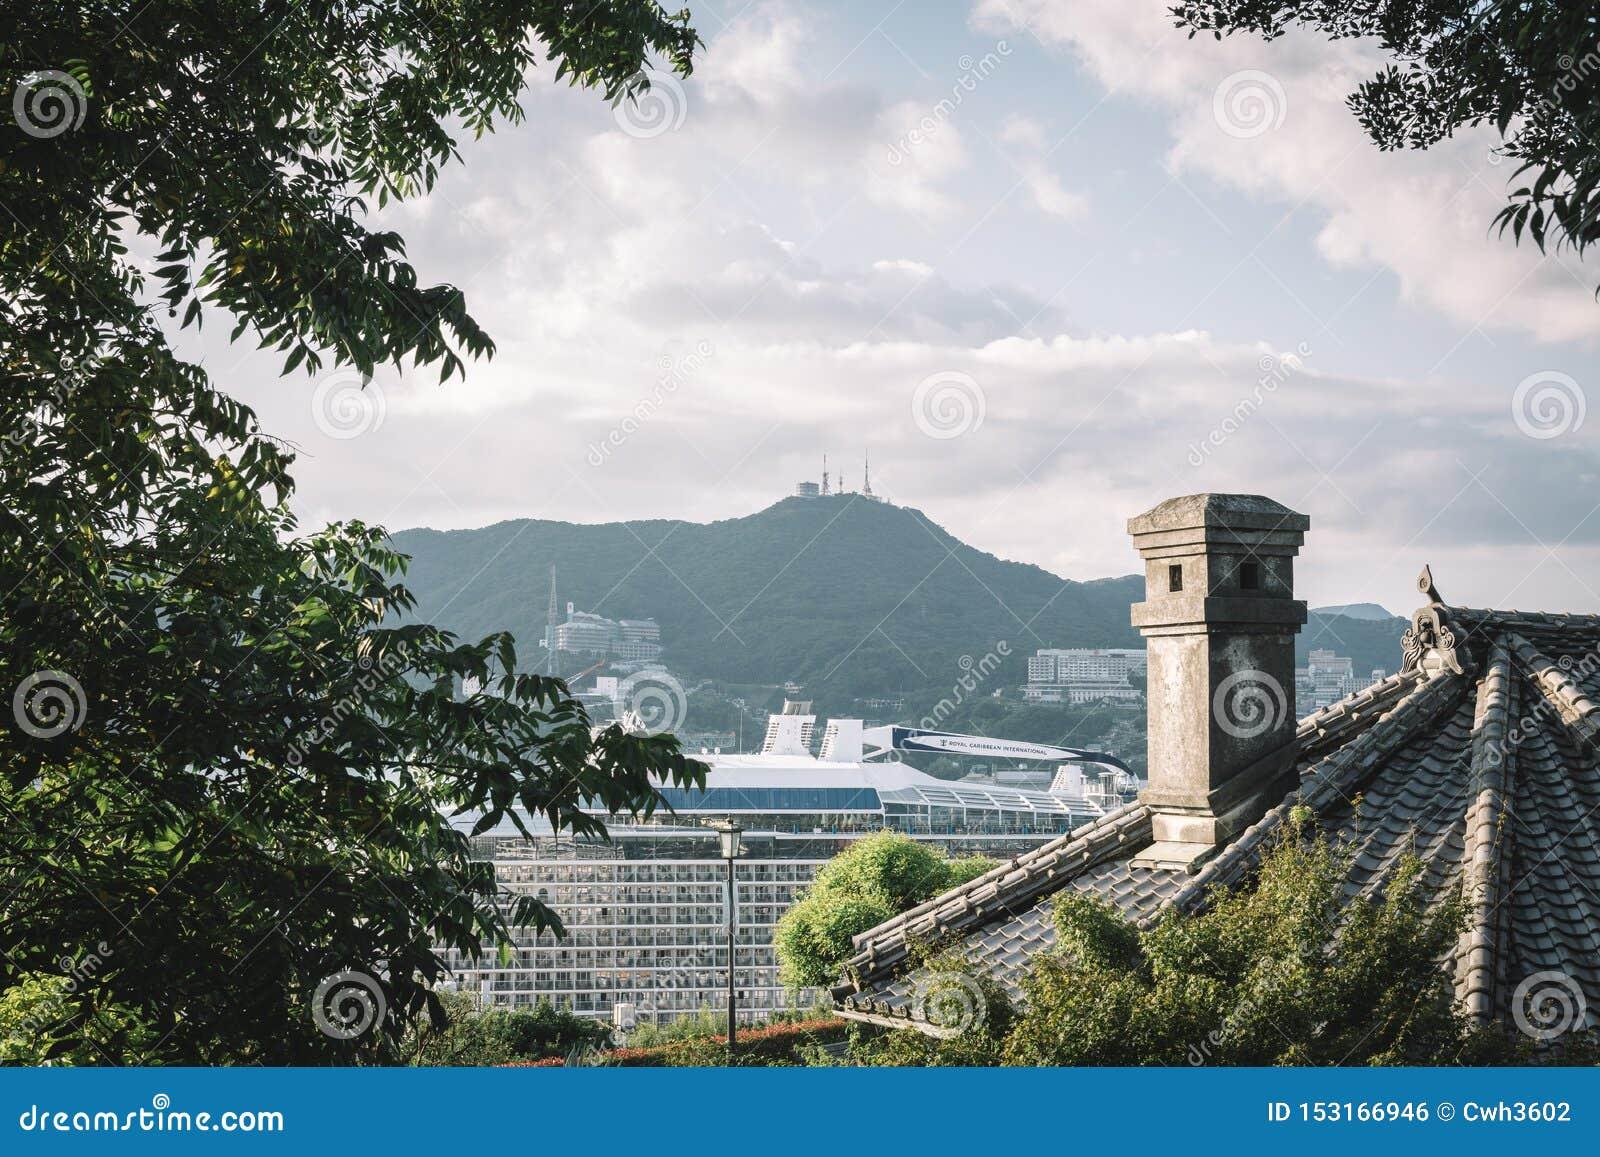 Сад Главера, Нагасаки, Кюсю, Япония - камин и крыша старого дома